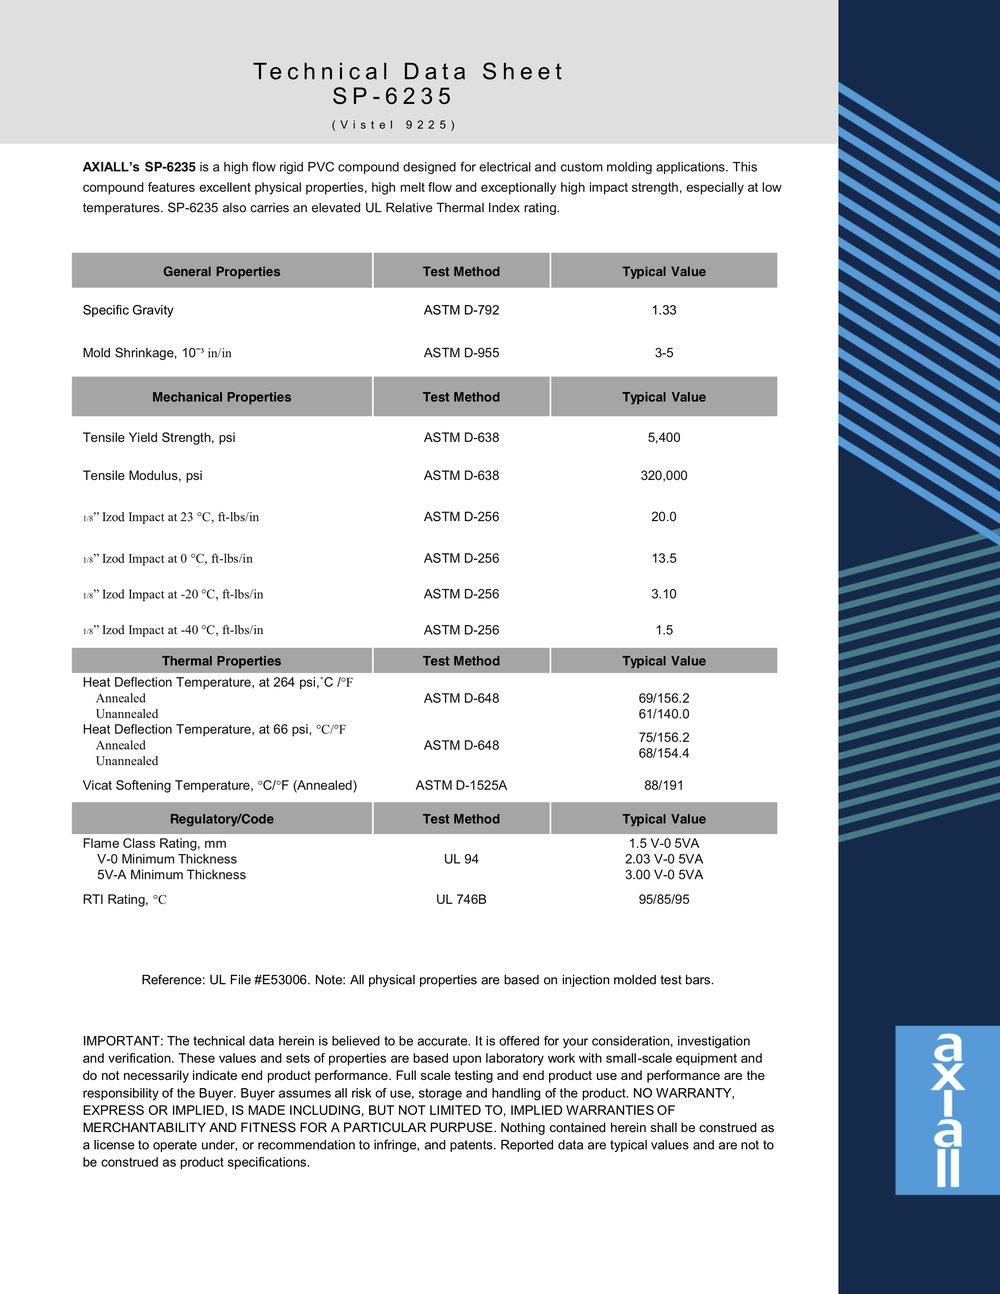 PVC Axiall TDS_6235_web.jpg